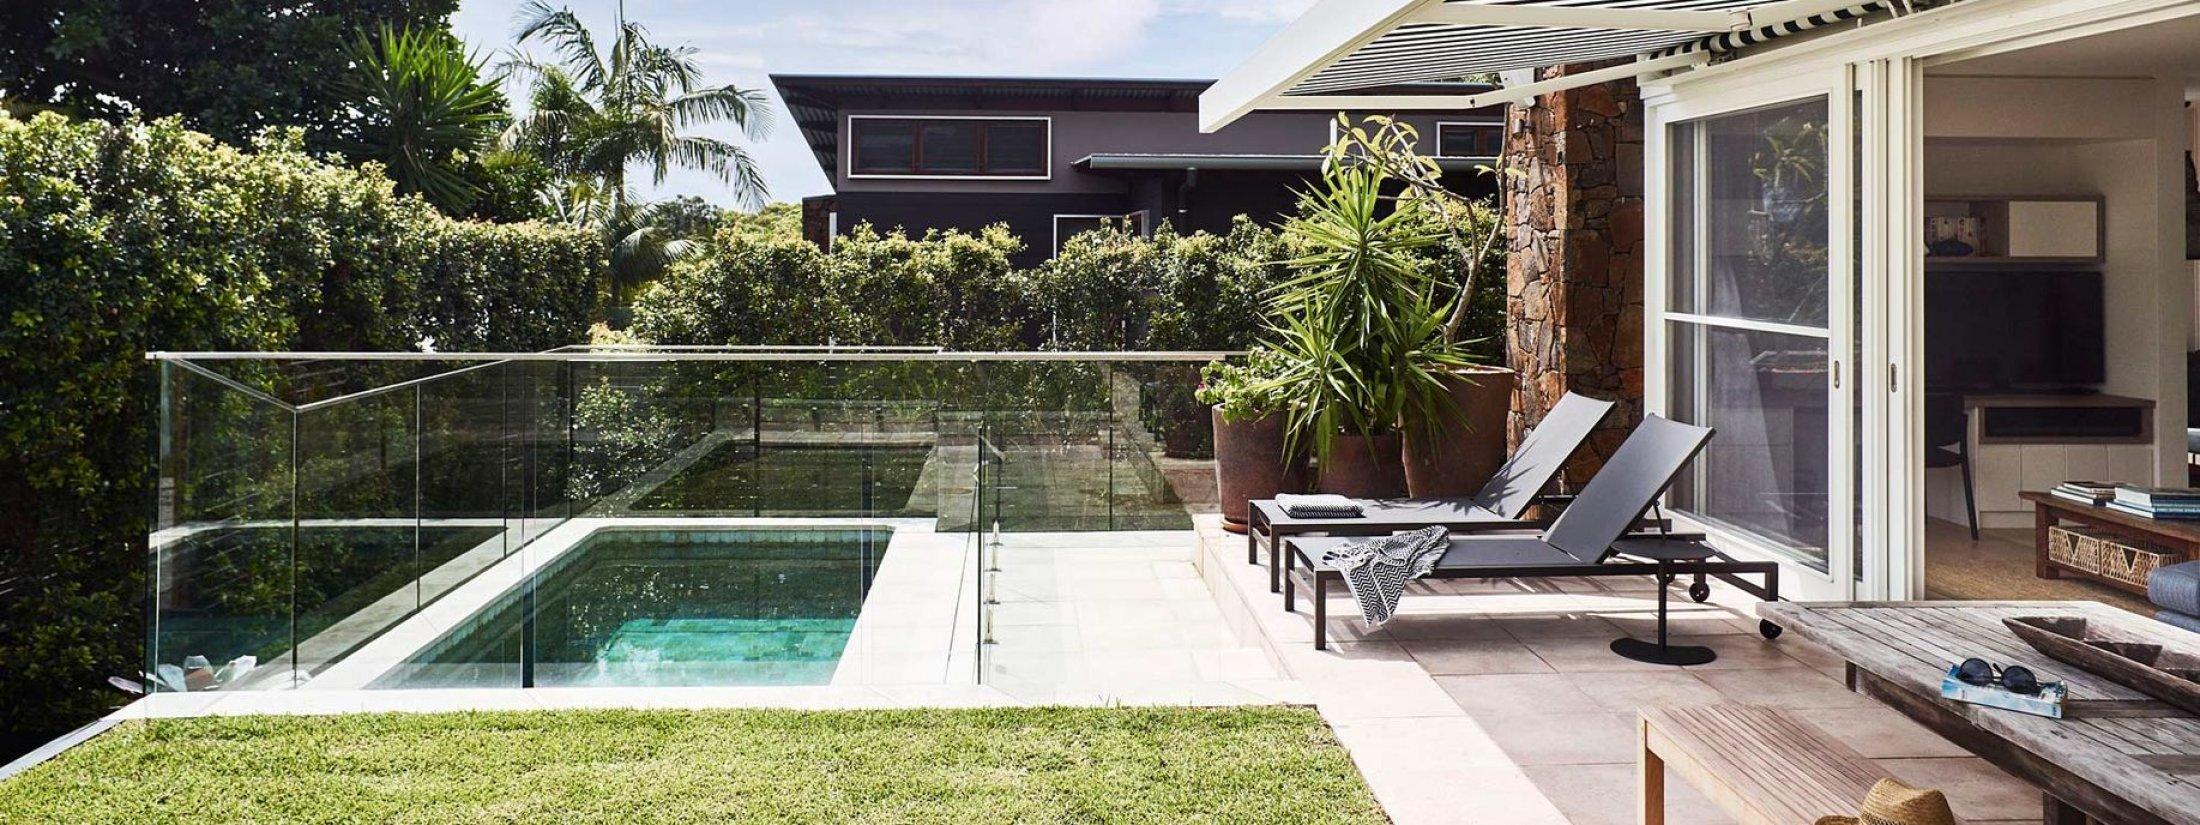 Ayindi - pool and deck